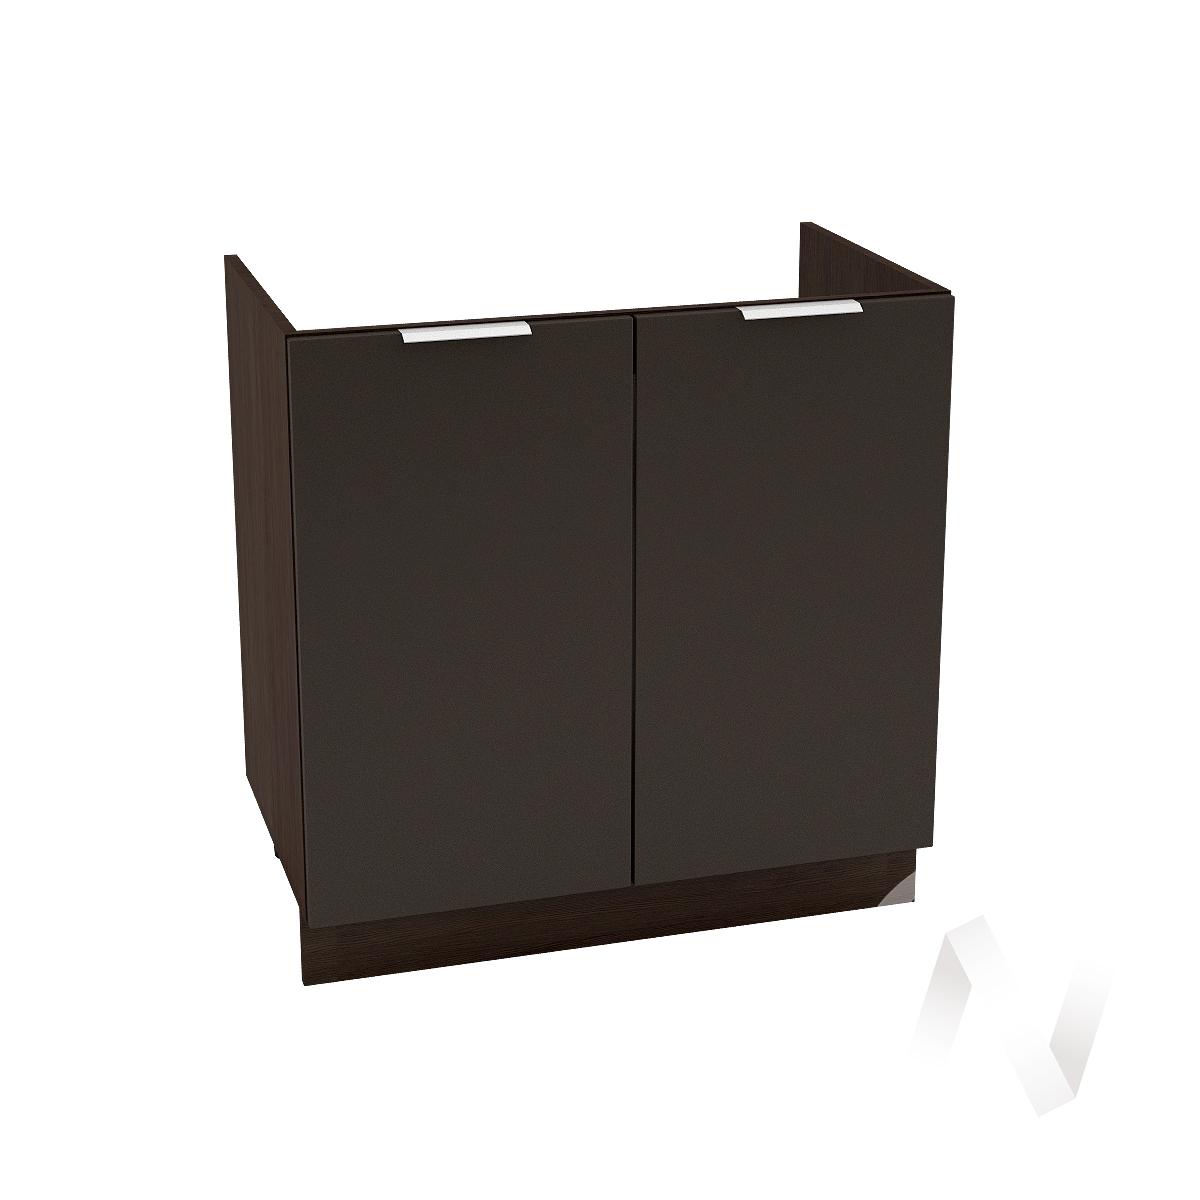 """Кухня """"Терра"""": Шкаф нижний под мойку 800, ШНМ 800 (смоки софт/корпус венге)"""